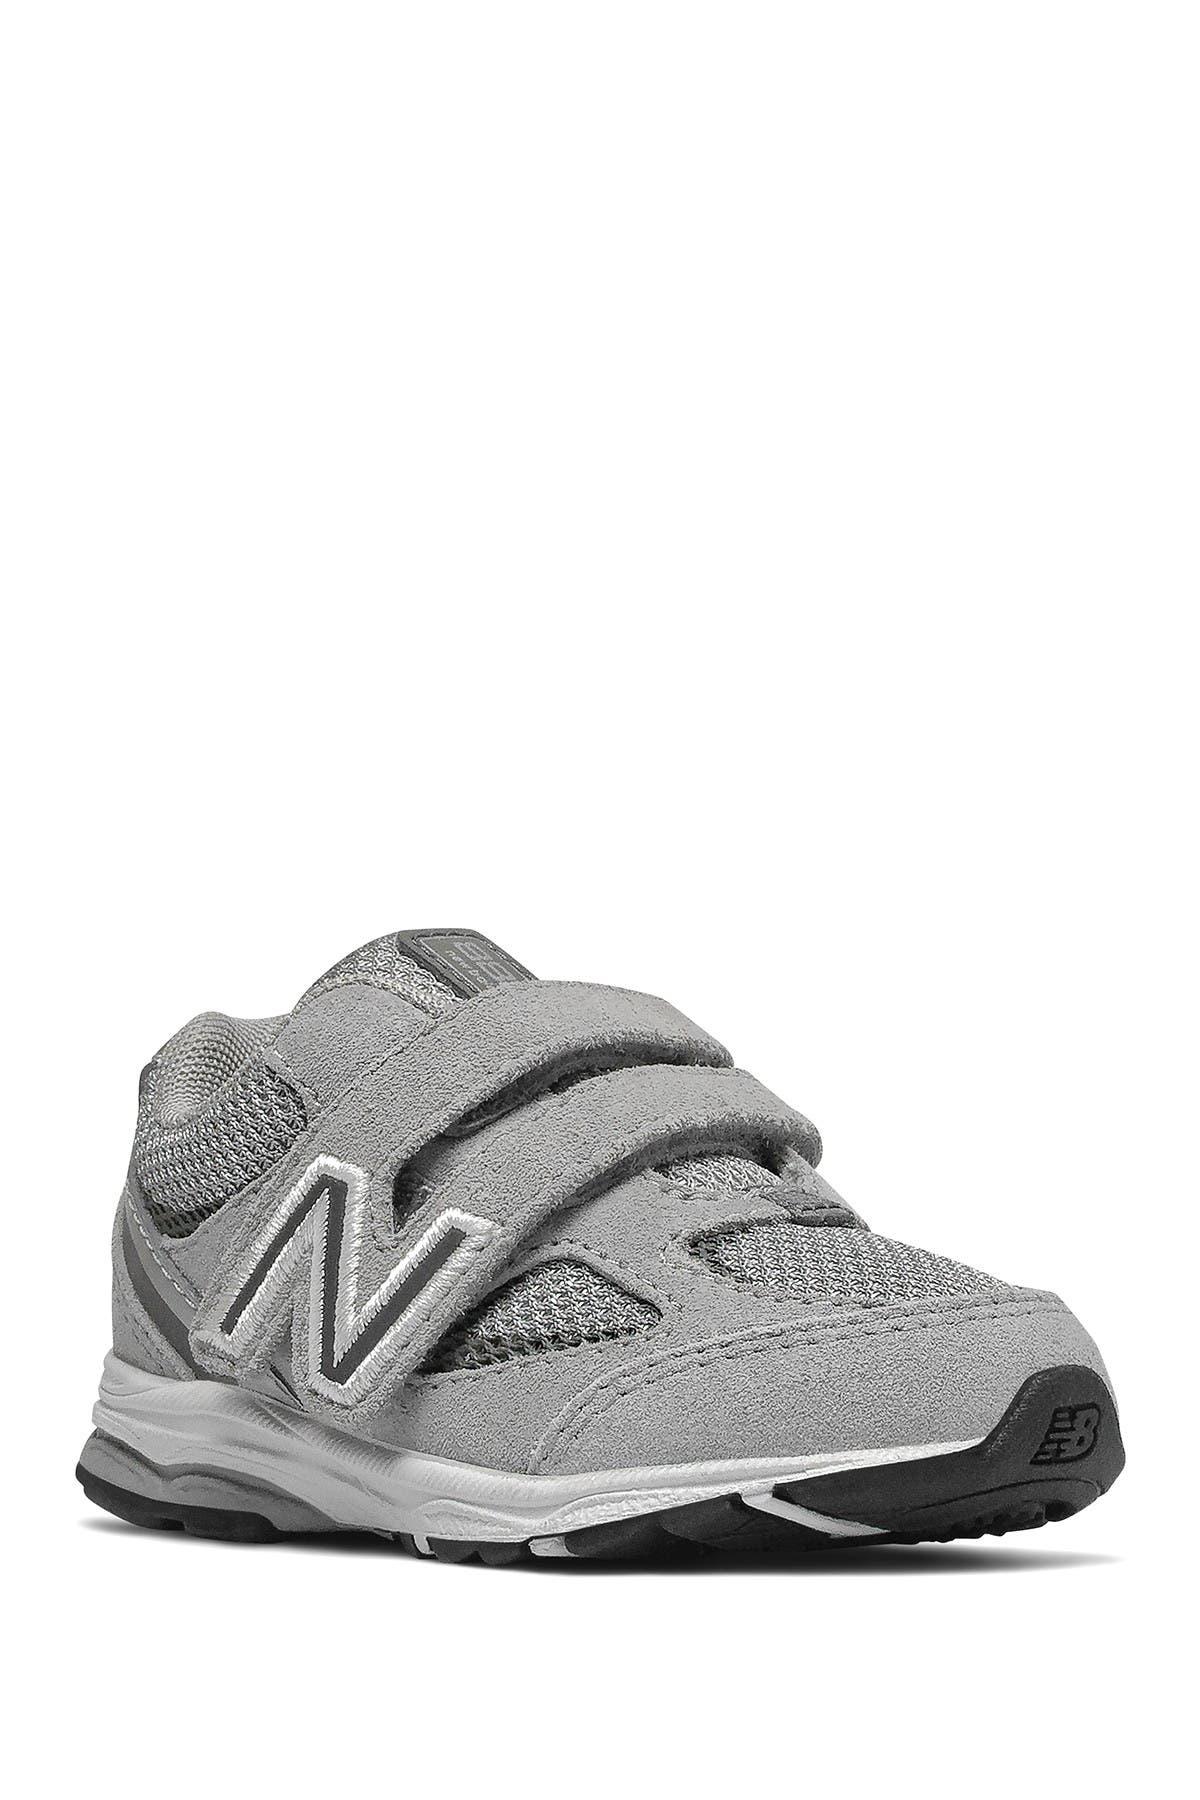 New Balance | Mesh Sneaker | Nordstrom Rack